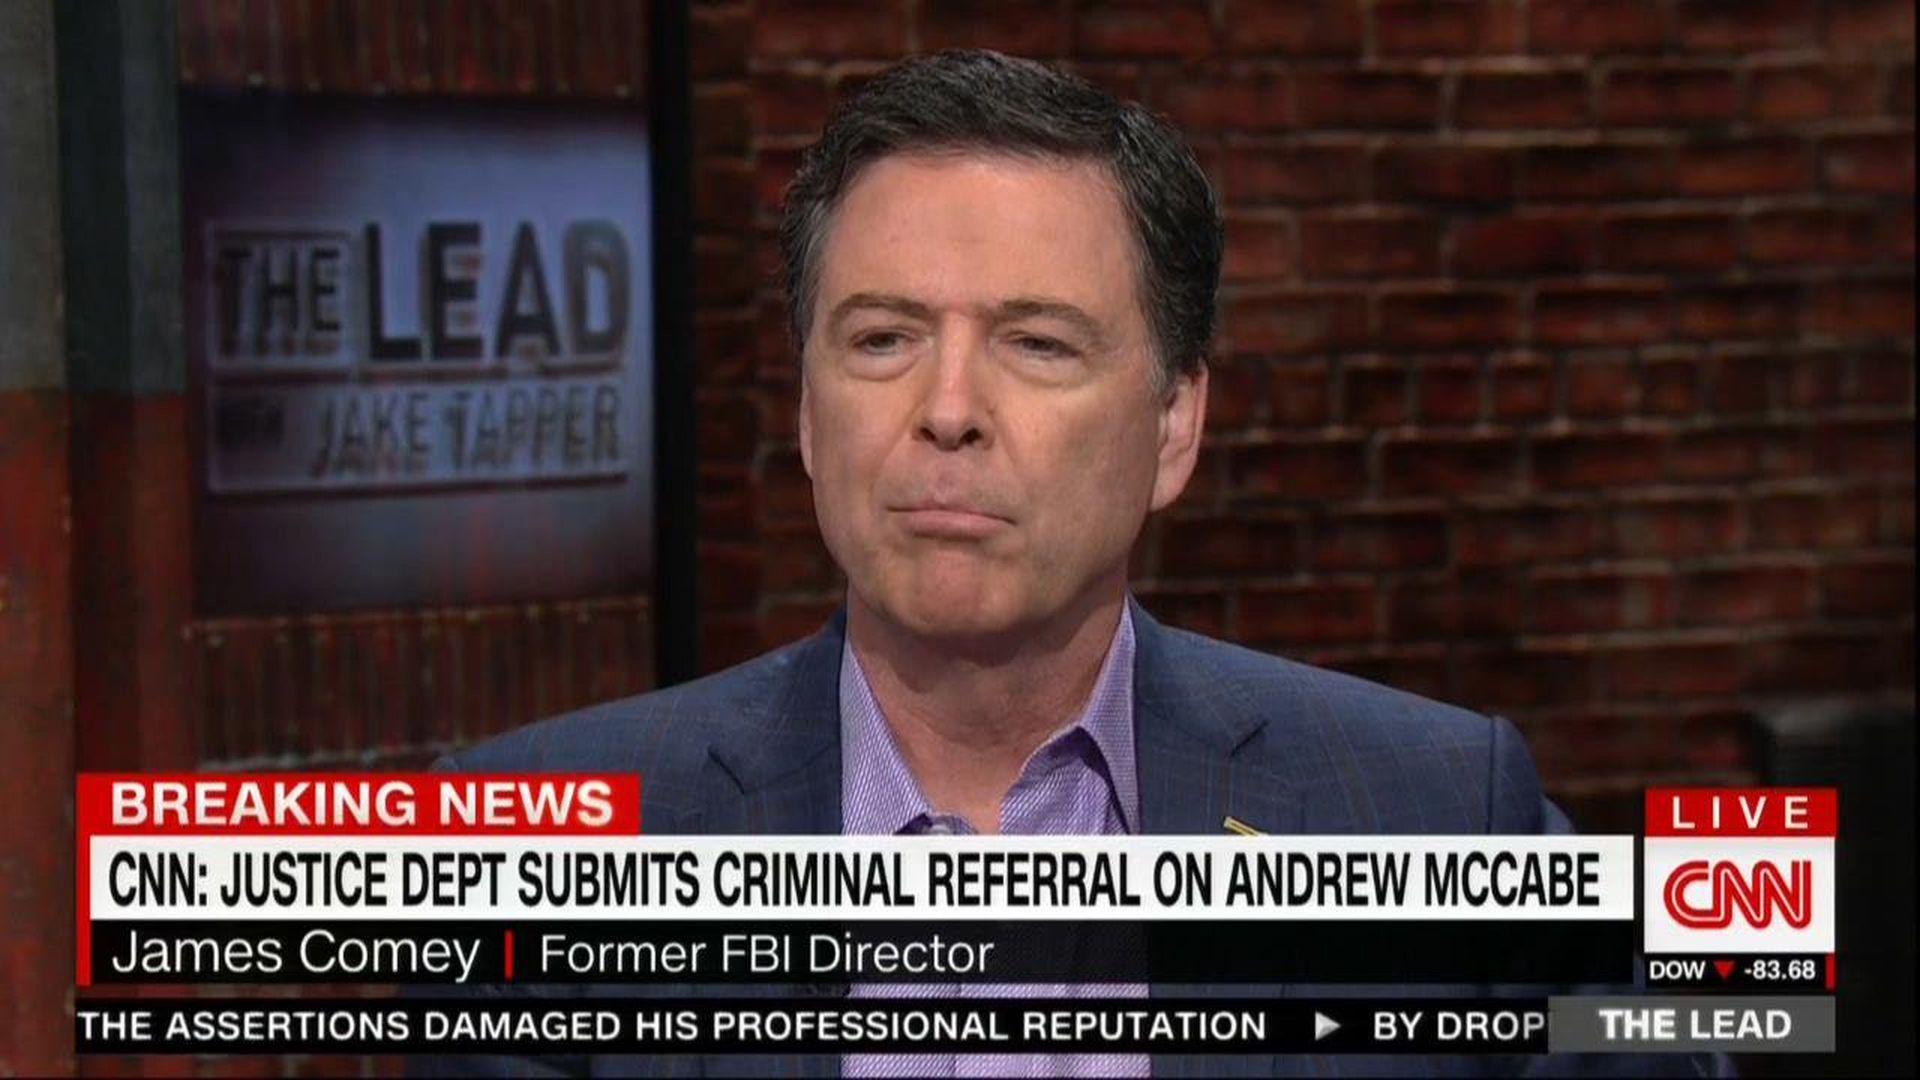 James Comey on CNN